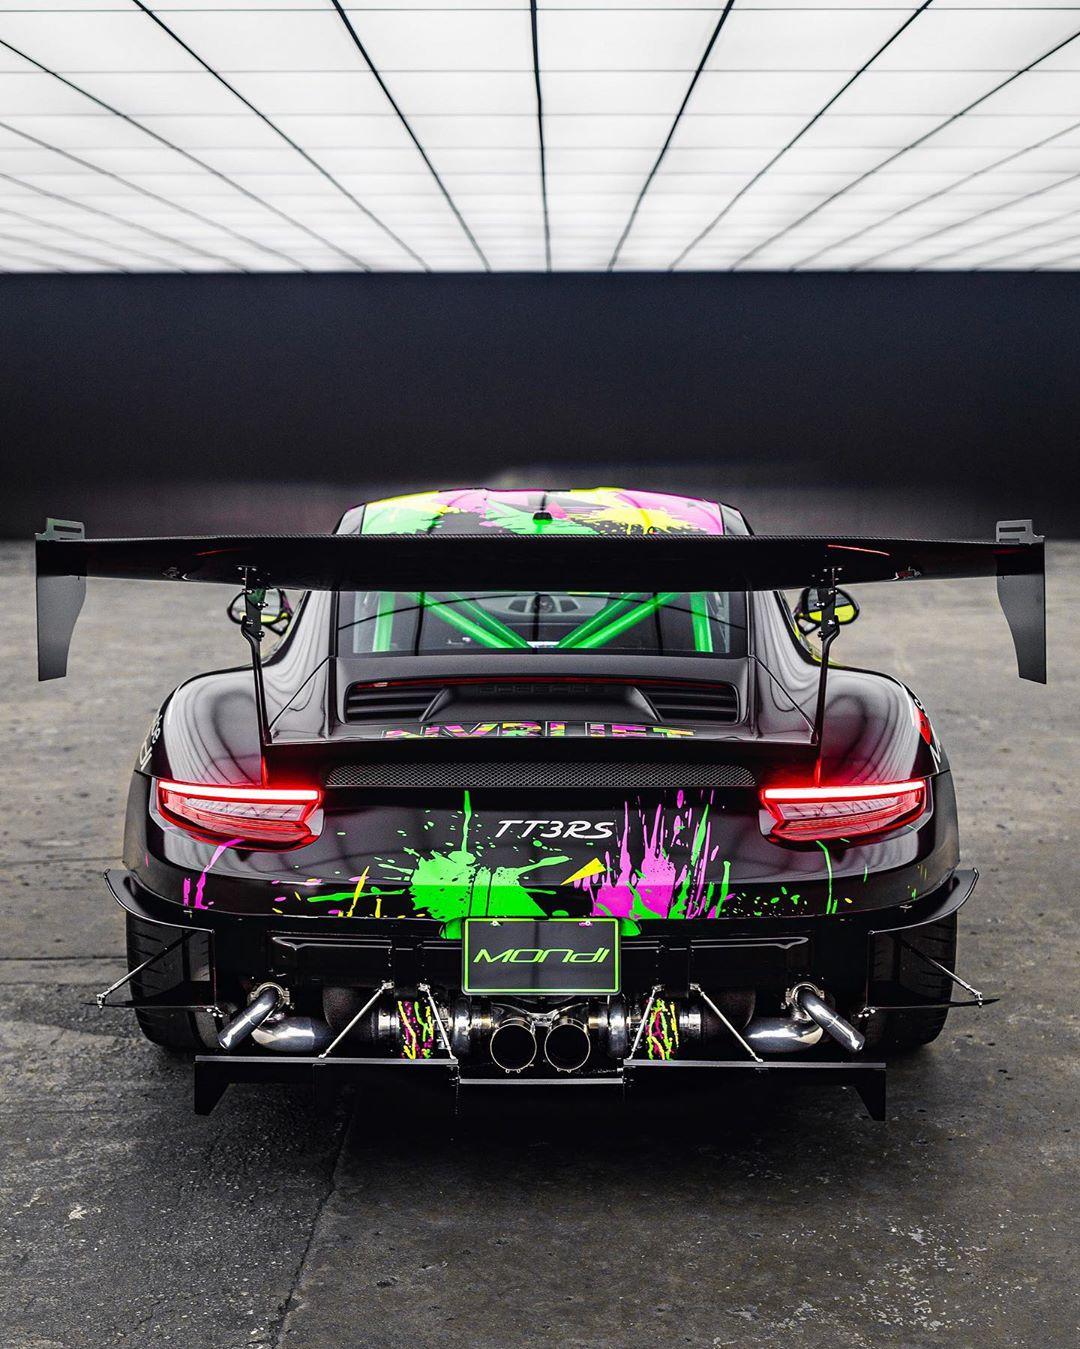 Porsche 911 Turbo Gt3: World's First Twin-Turbo Porsche 911 GT3 RS Drifts Around